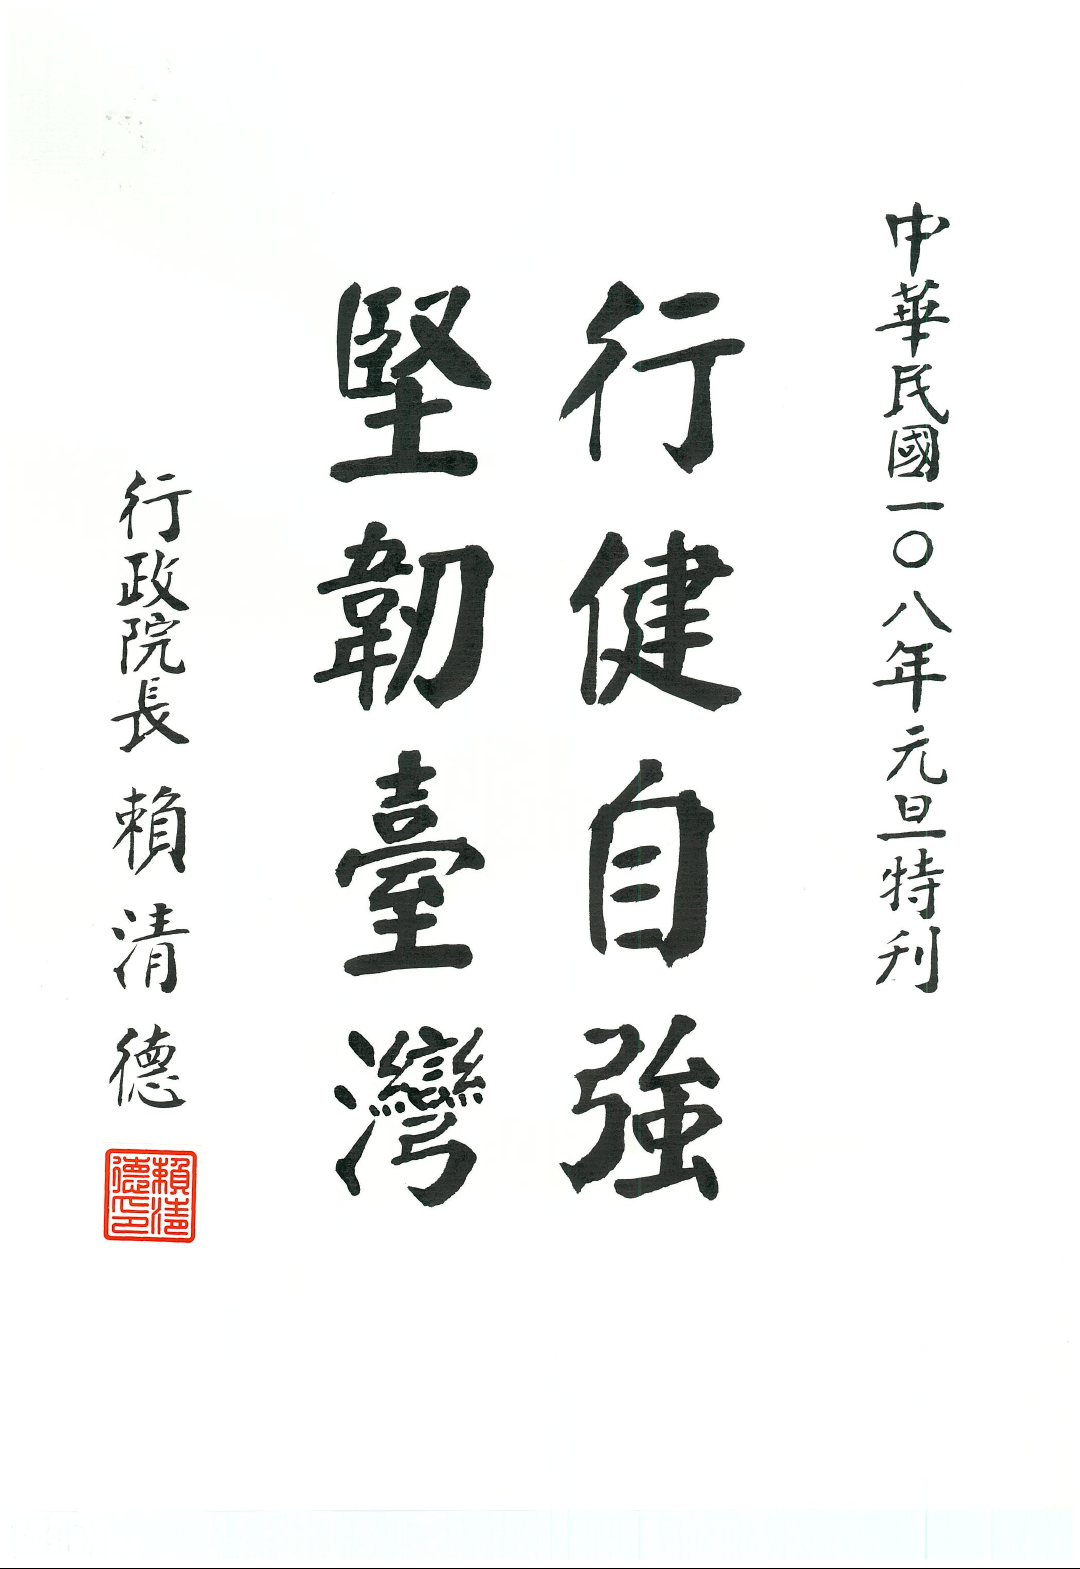 yuandan8.png